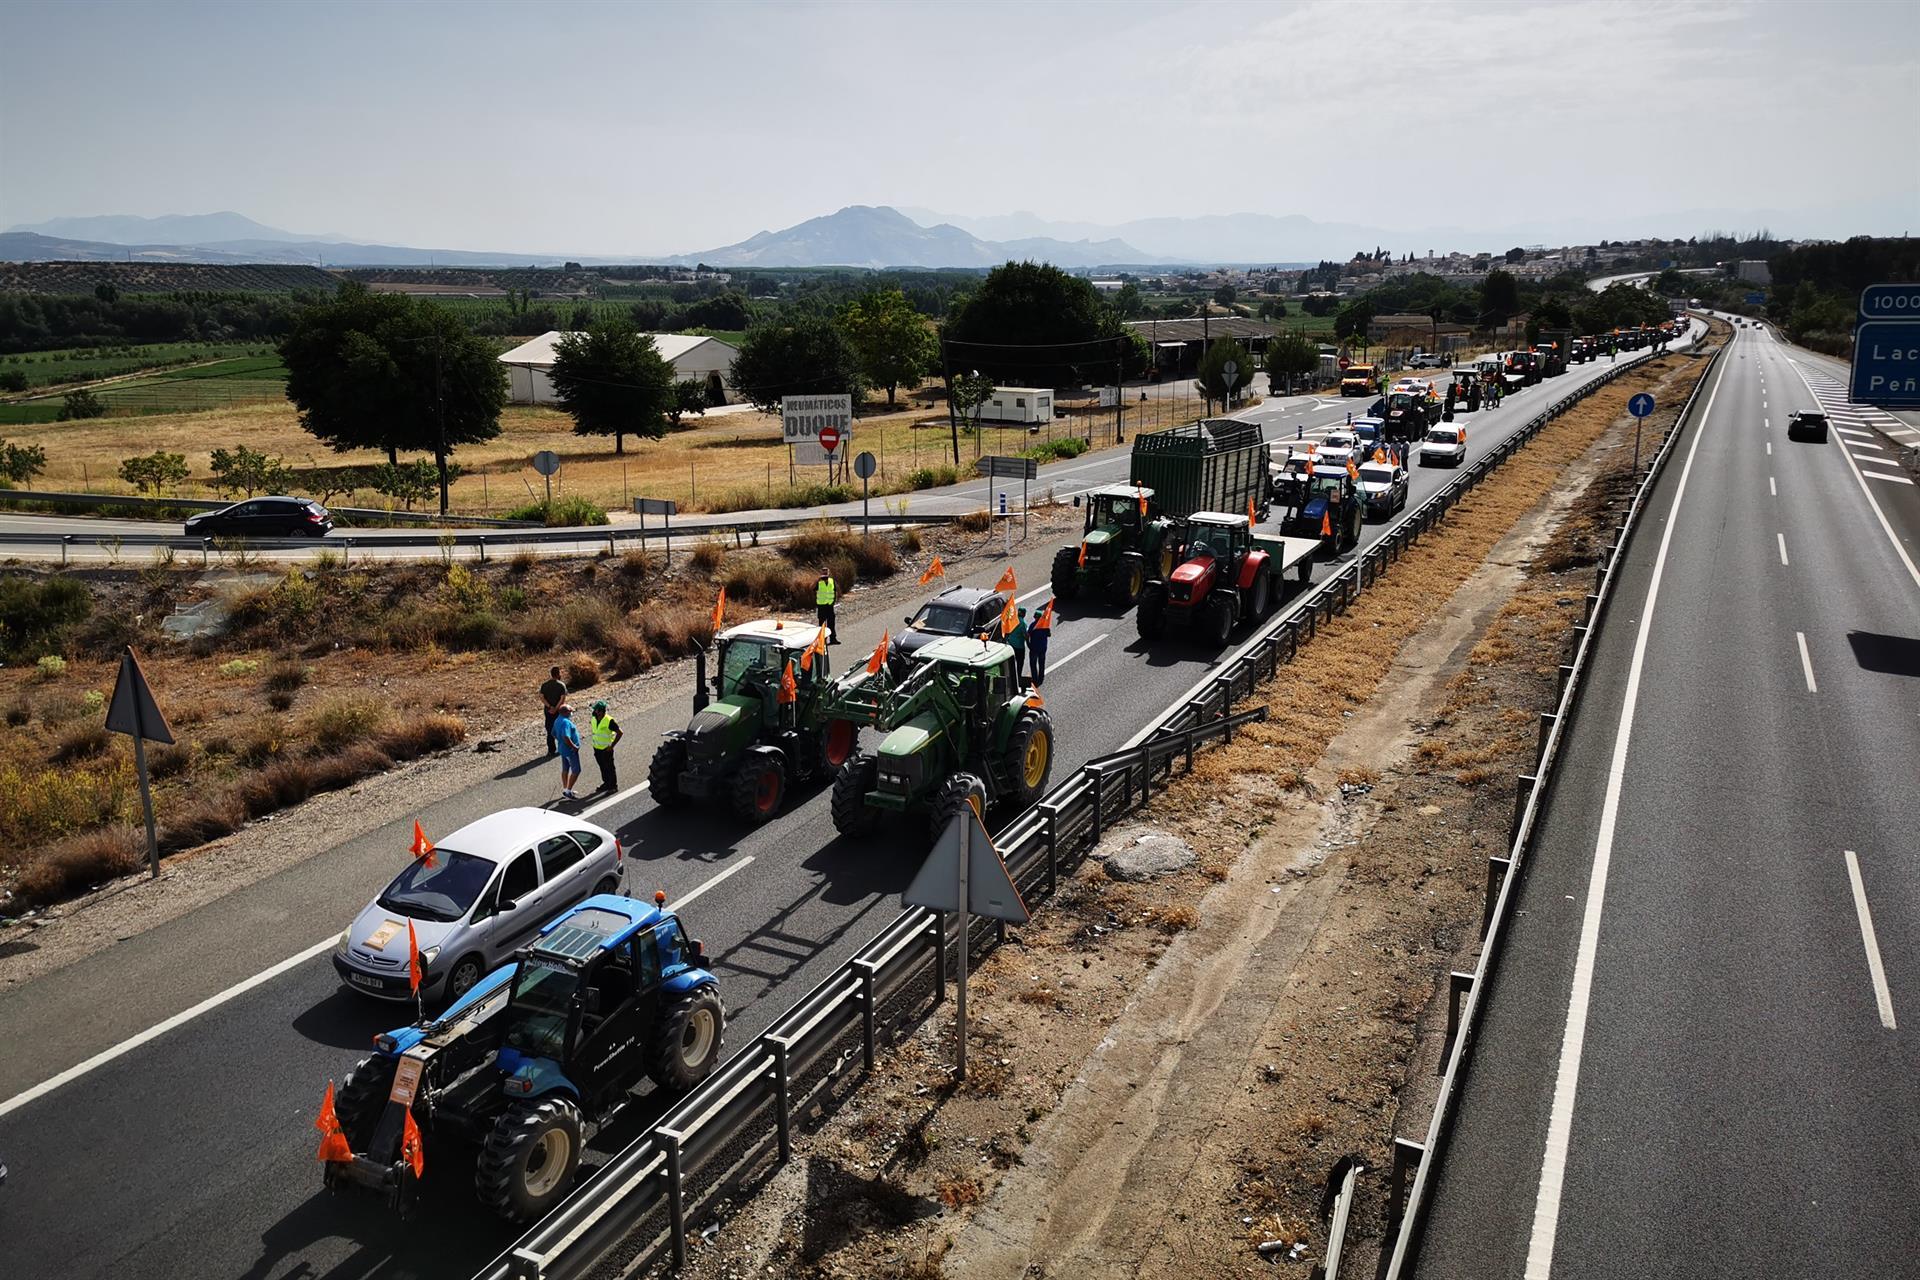 Una tractorada reclama el arreglo del camino de servicio de la A-92 hacia Moraleda de Zafayona